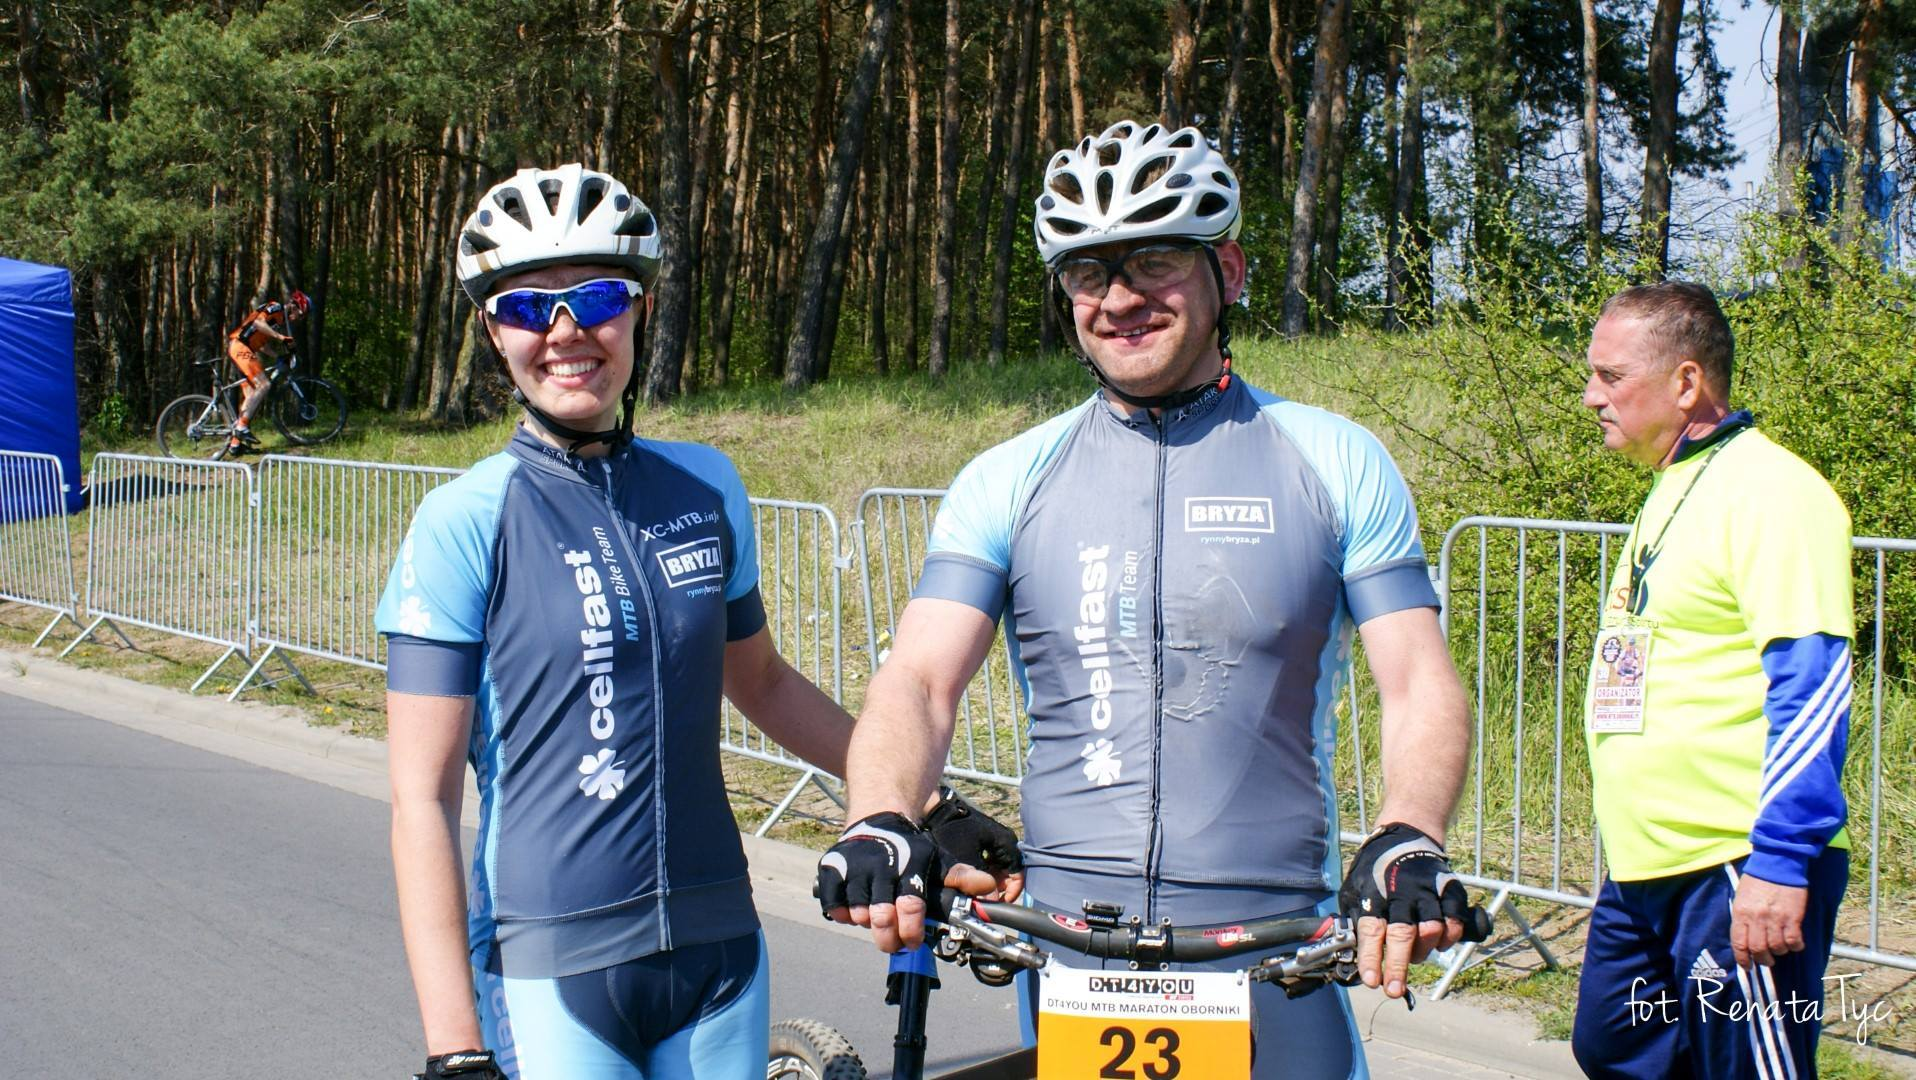 Daria Kasztarynda (Cellfast MTB Bike Team) – Bike Cross Maraton, Chodzież